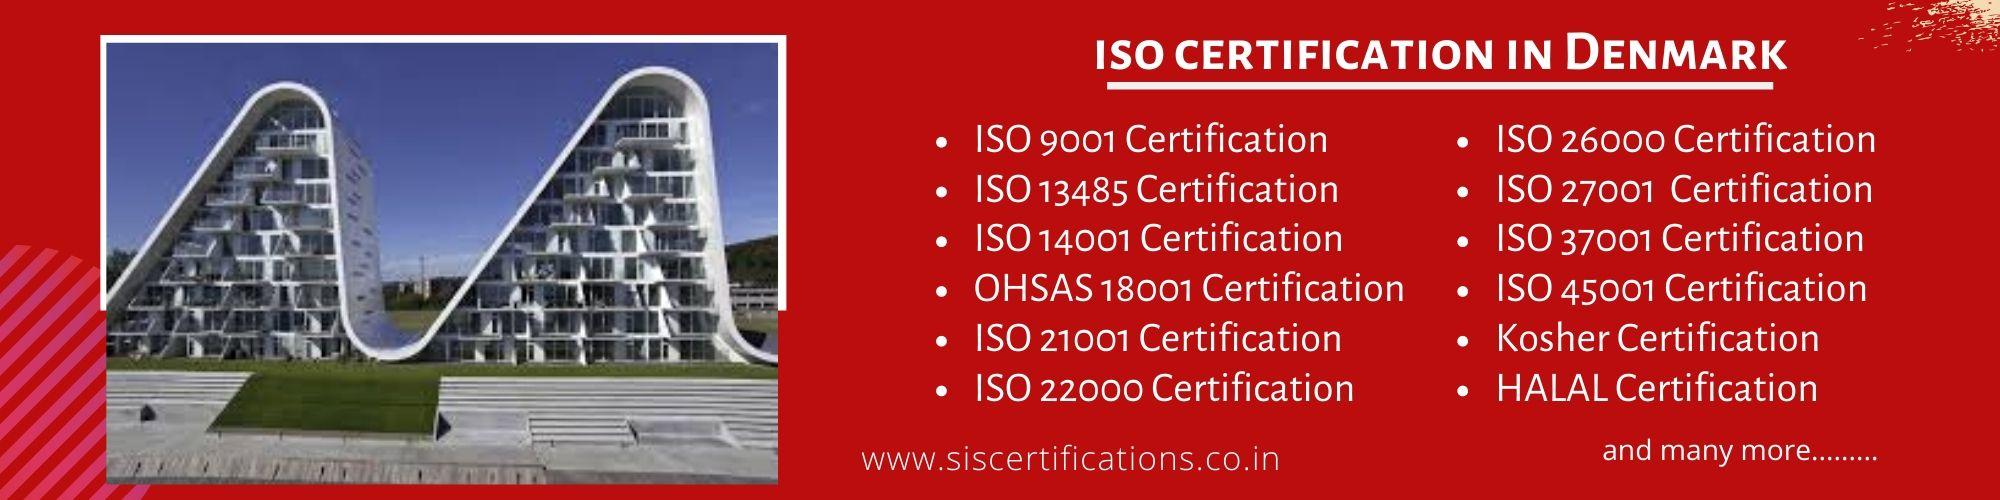 ISO Certification in Denmark